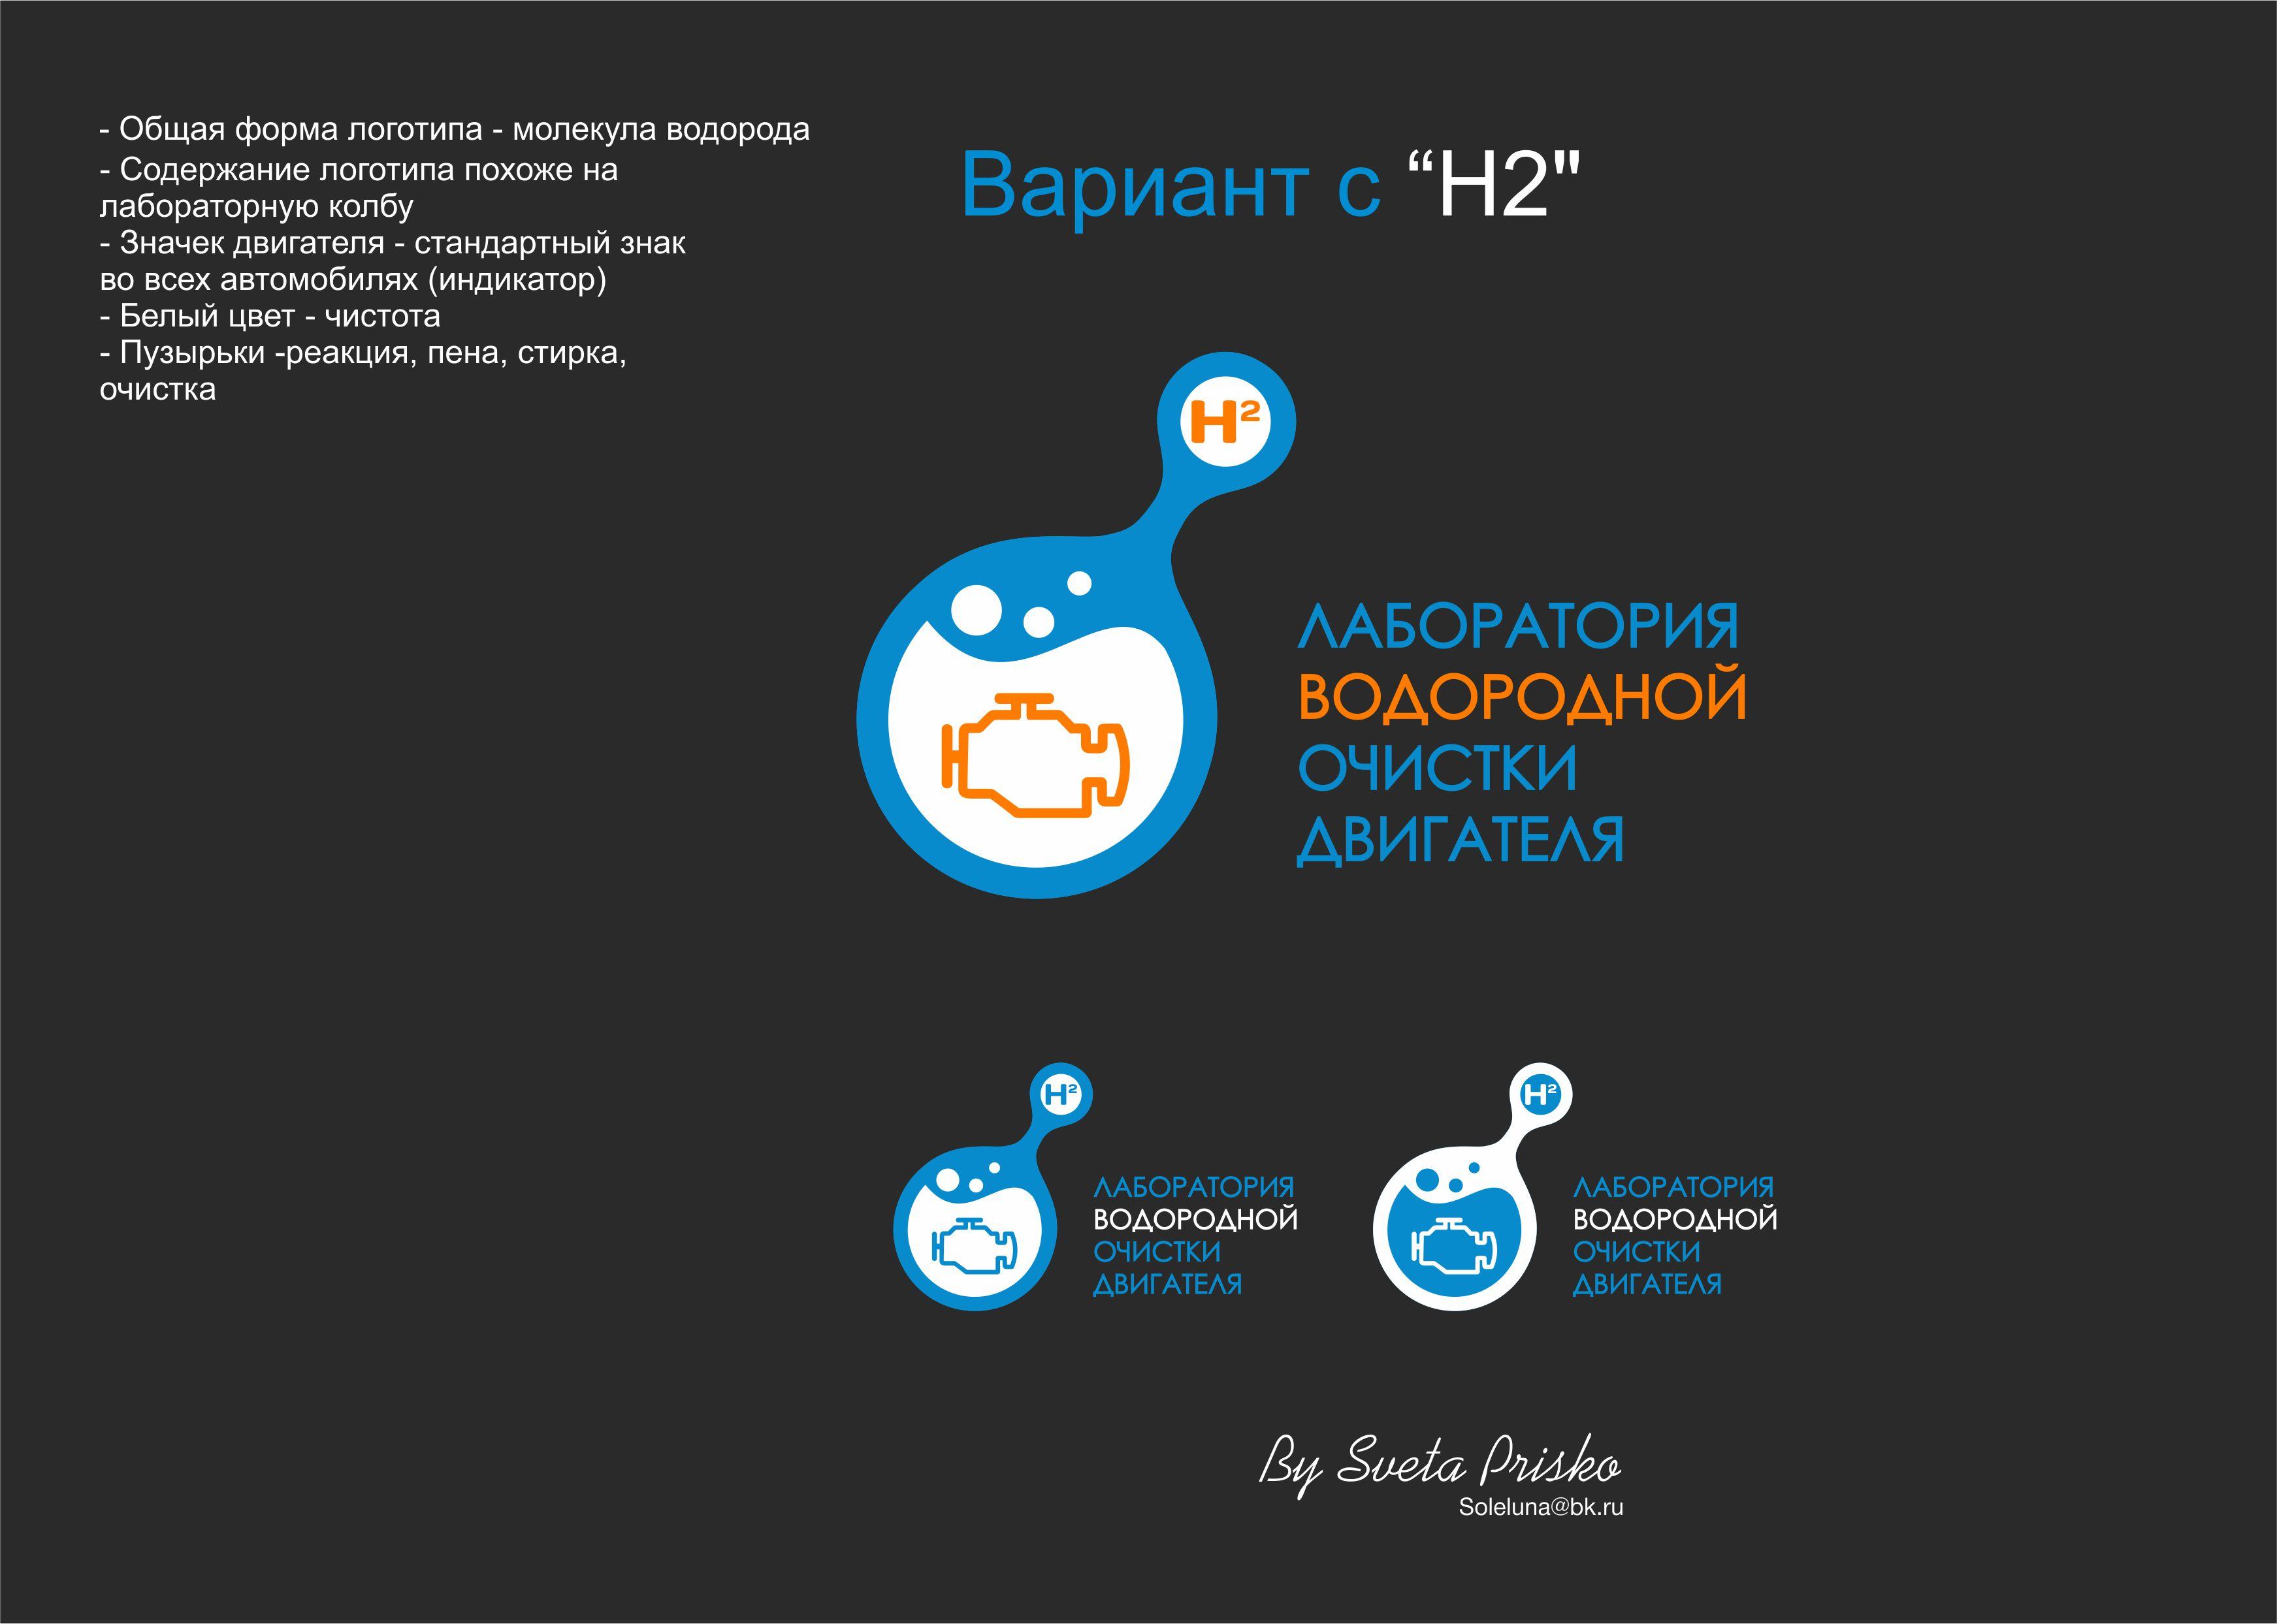 """Разработка фирменного стиля для """"Лаборатории водородной очис фото f_2815dd5656457c4a.jpg"""